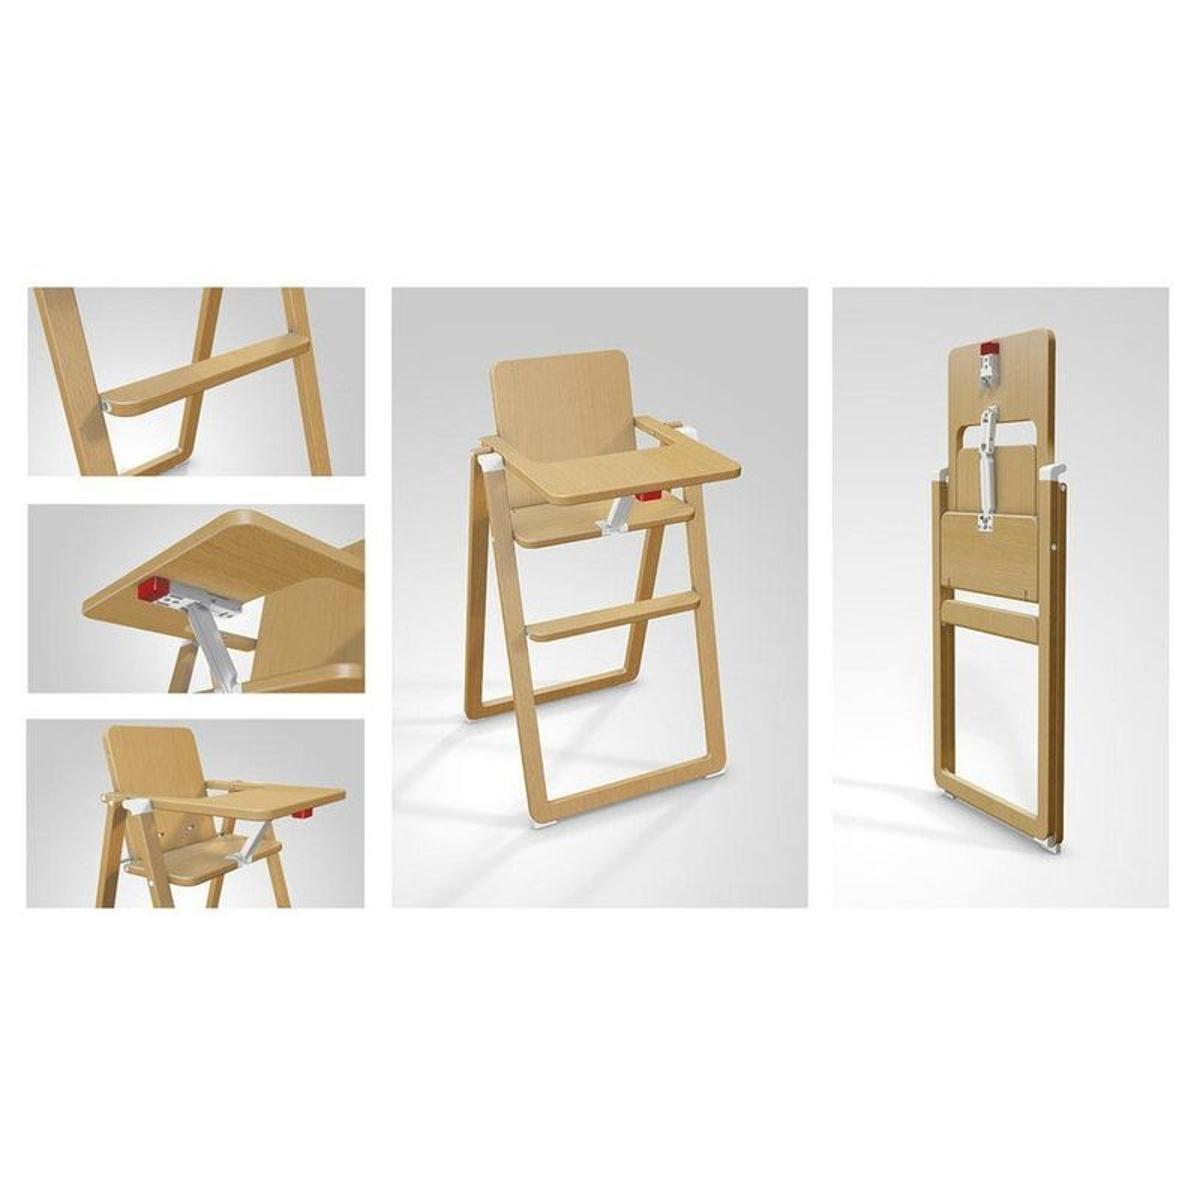 Chaise haute pliante Supaflat hêtre